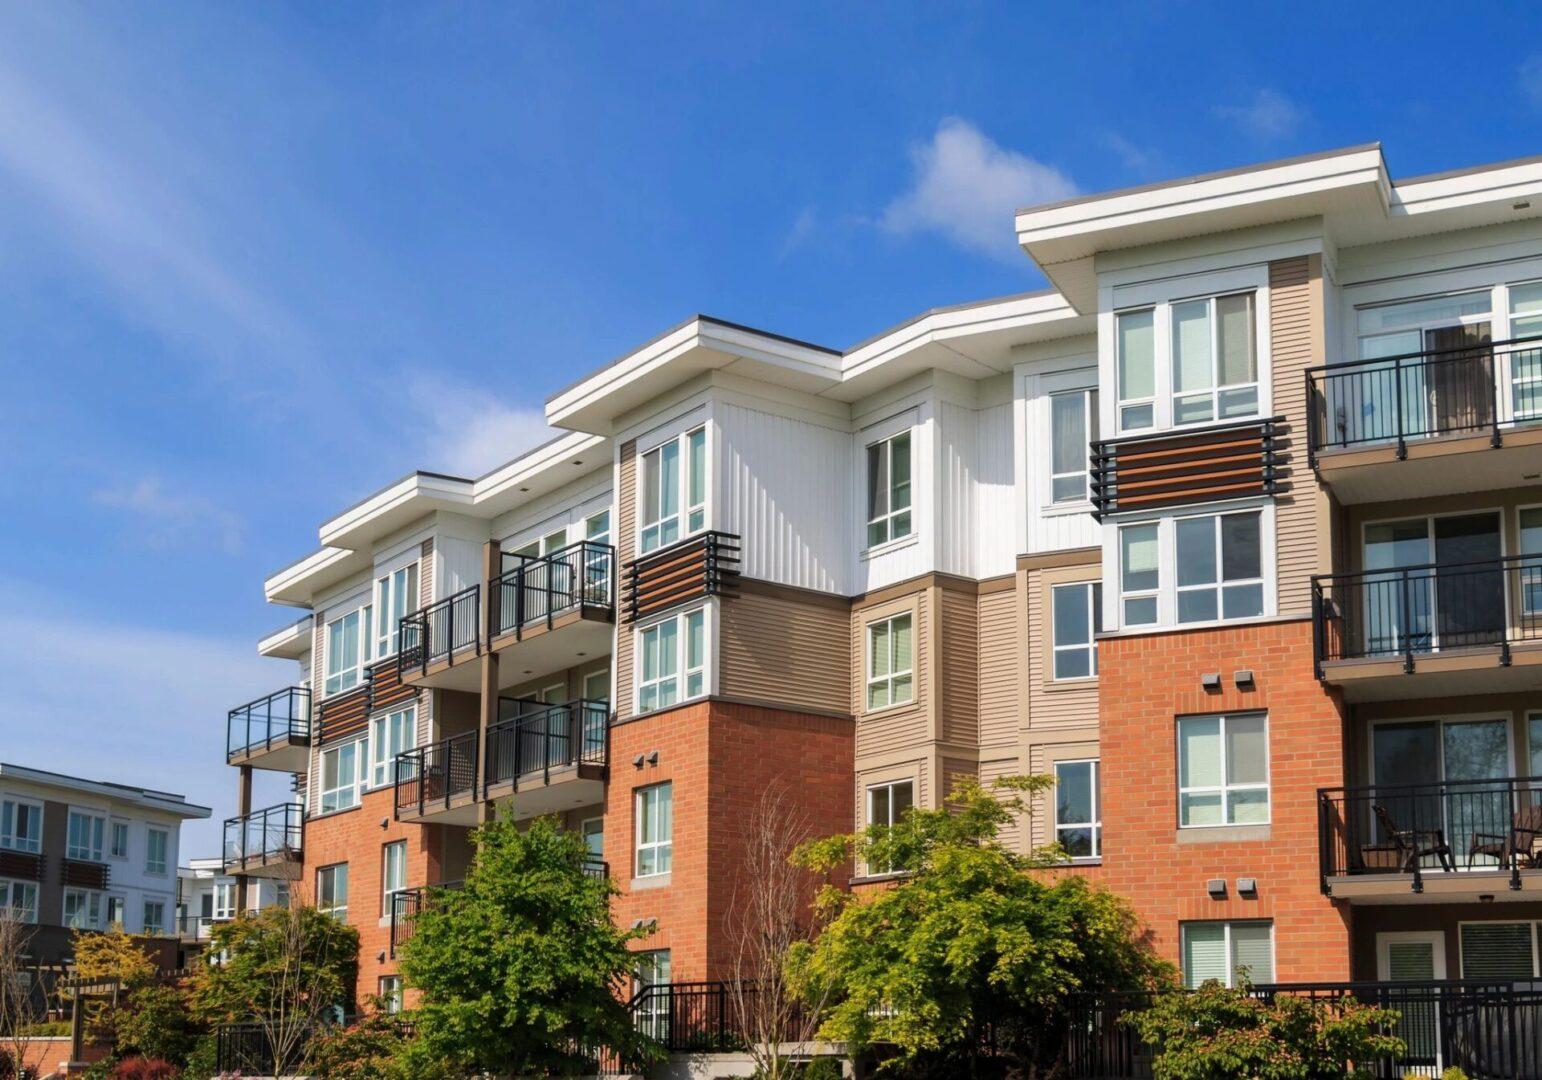 Black Eagle Real Estate Partners